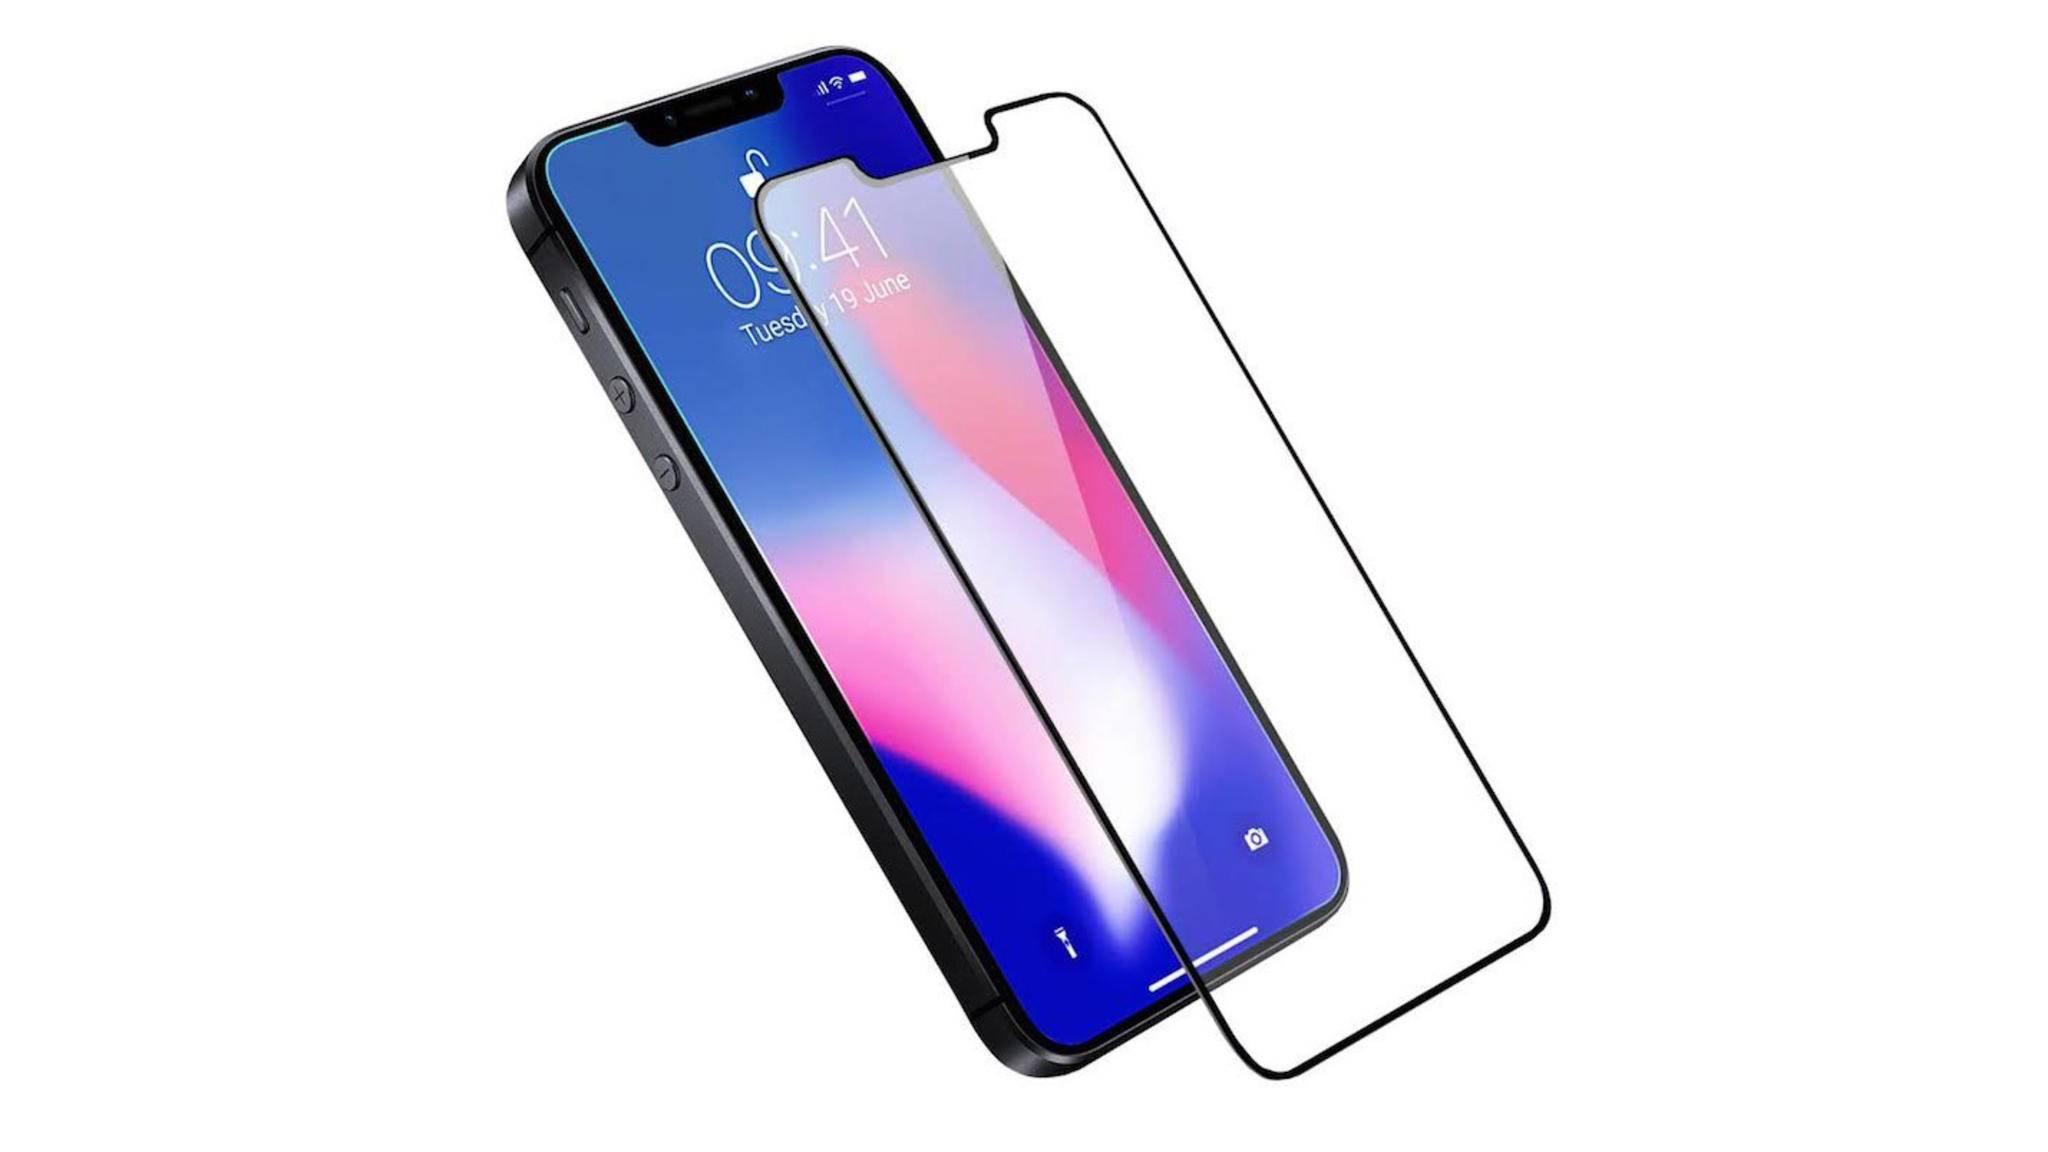 Kompakt wie das Original, aber im Look des iPhone X? So könnte das iPhone SE 2 aussehen.